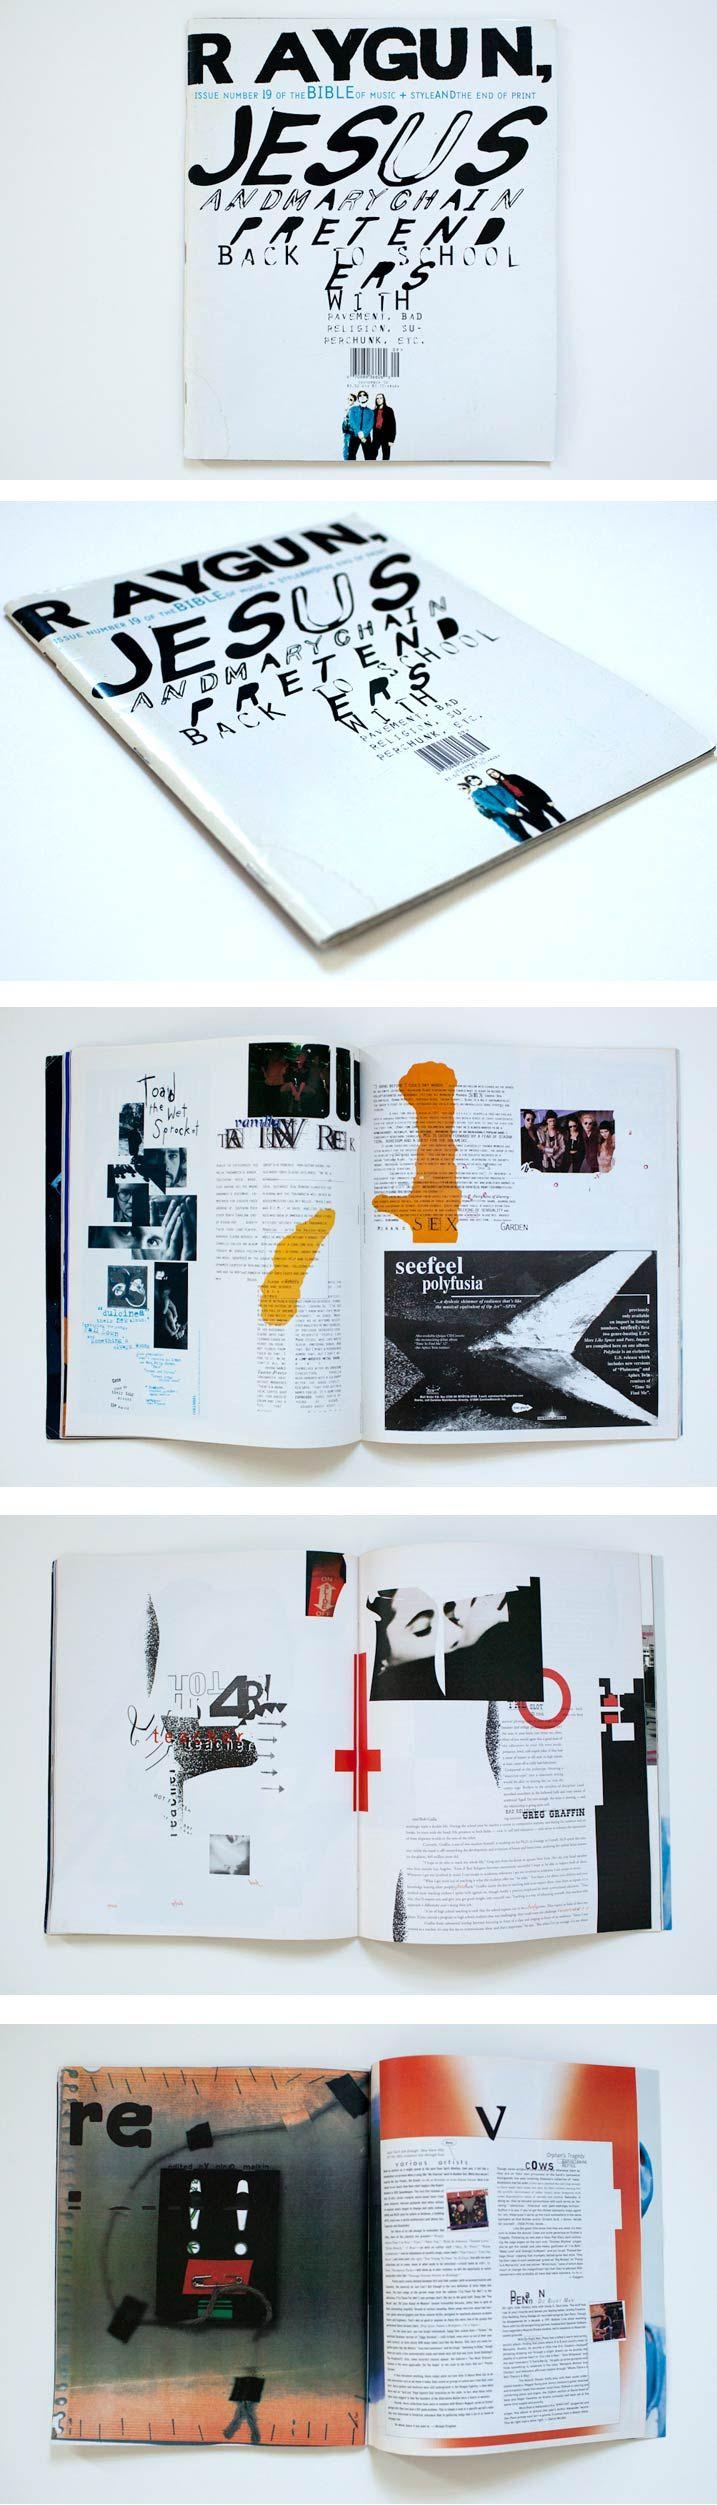 ¡TIPOGRAFÍA! Identidad. ¡Ojo con el orden de lectura y la interpretación de cada una de las partes de la revista!